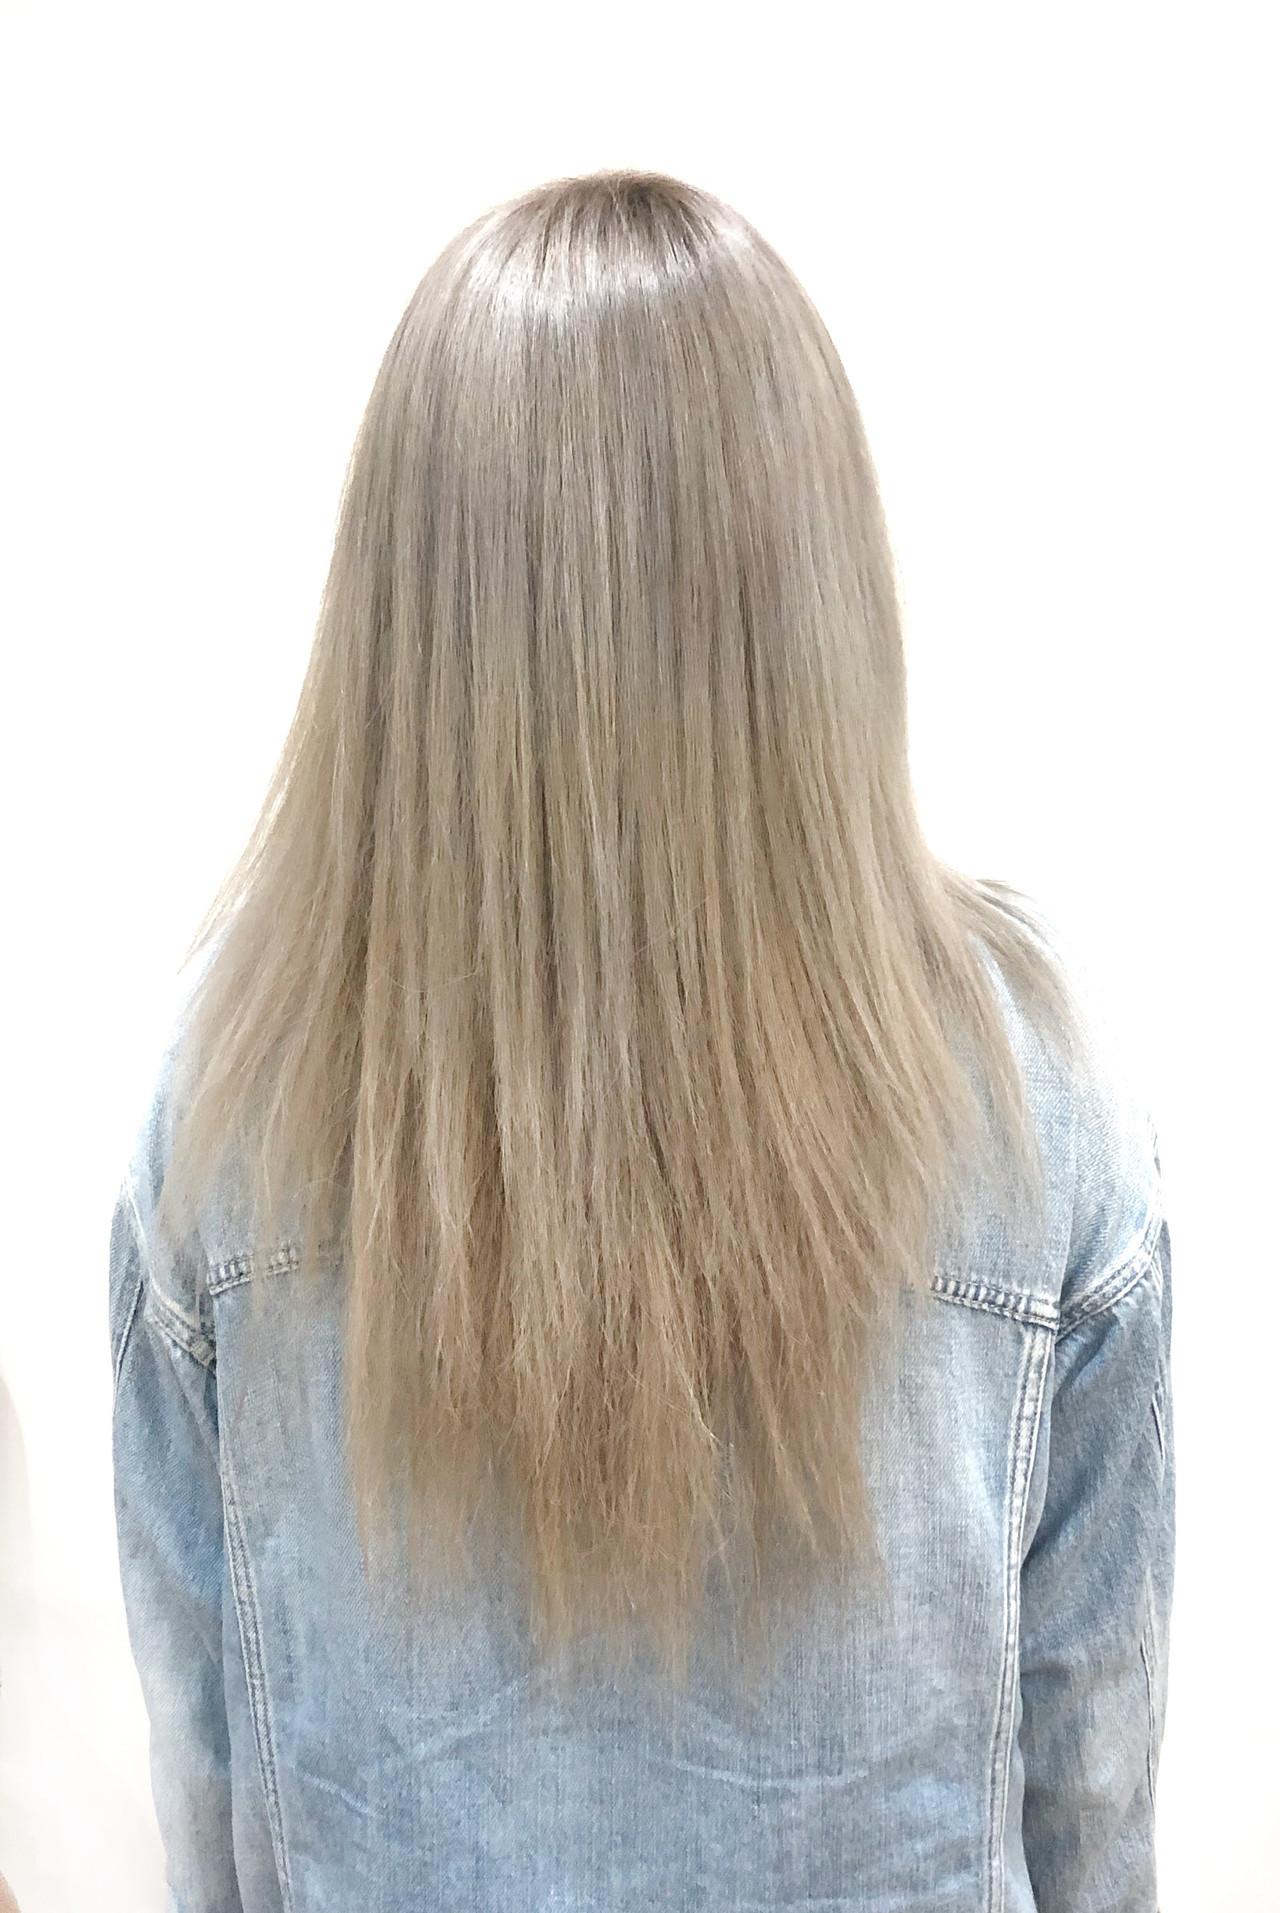 レイヤーカット ホワイト 外国人風 透明感 ヘアスタイルや髪型の写真・画像